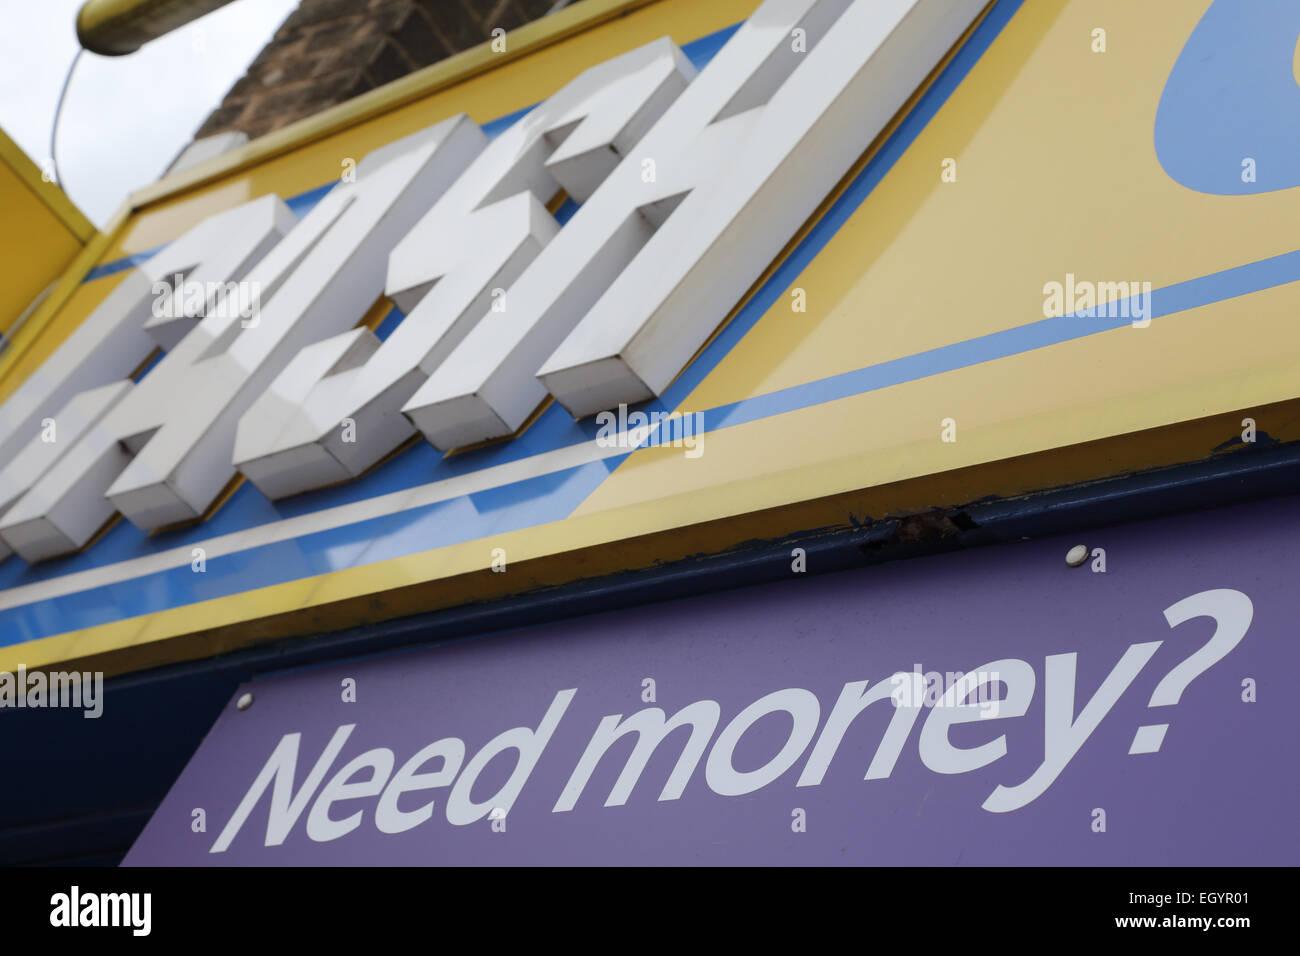 Sign on loanshop or pawnshop - Stock Image